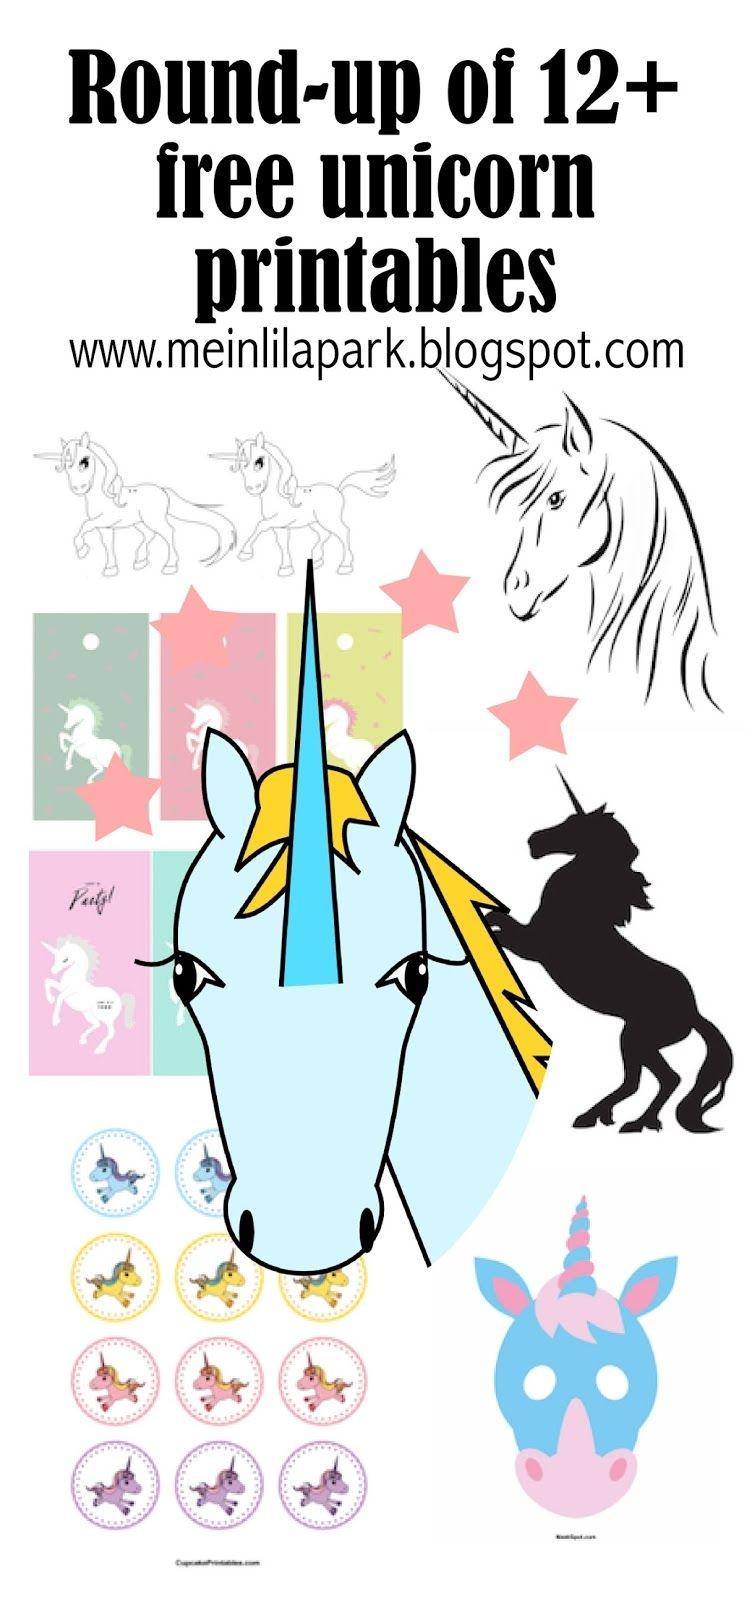 12+ Free Unicorn Printables - Einhorn - Round-Up | Printables - Free Printable Unicorn Face Template